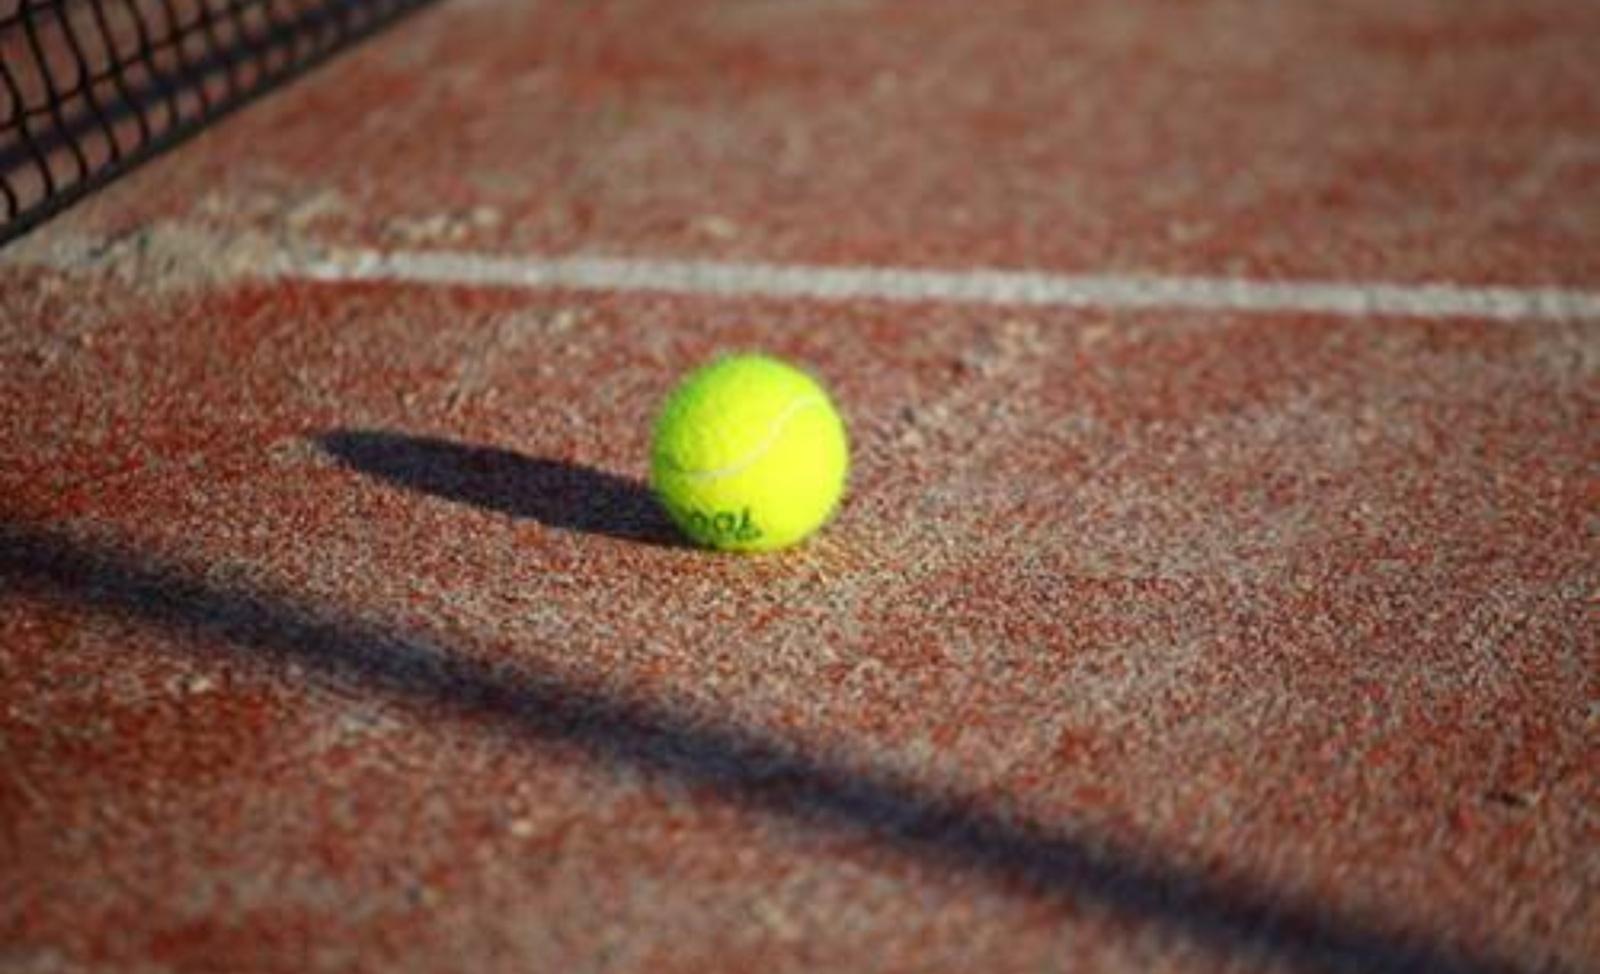 Tenisas nepopuliarus – neatsirado pakankamai norinčiųjų treniruotis